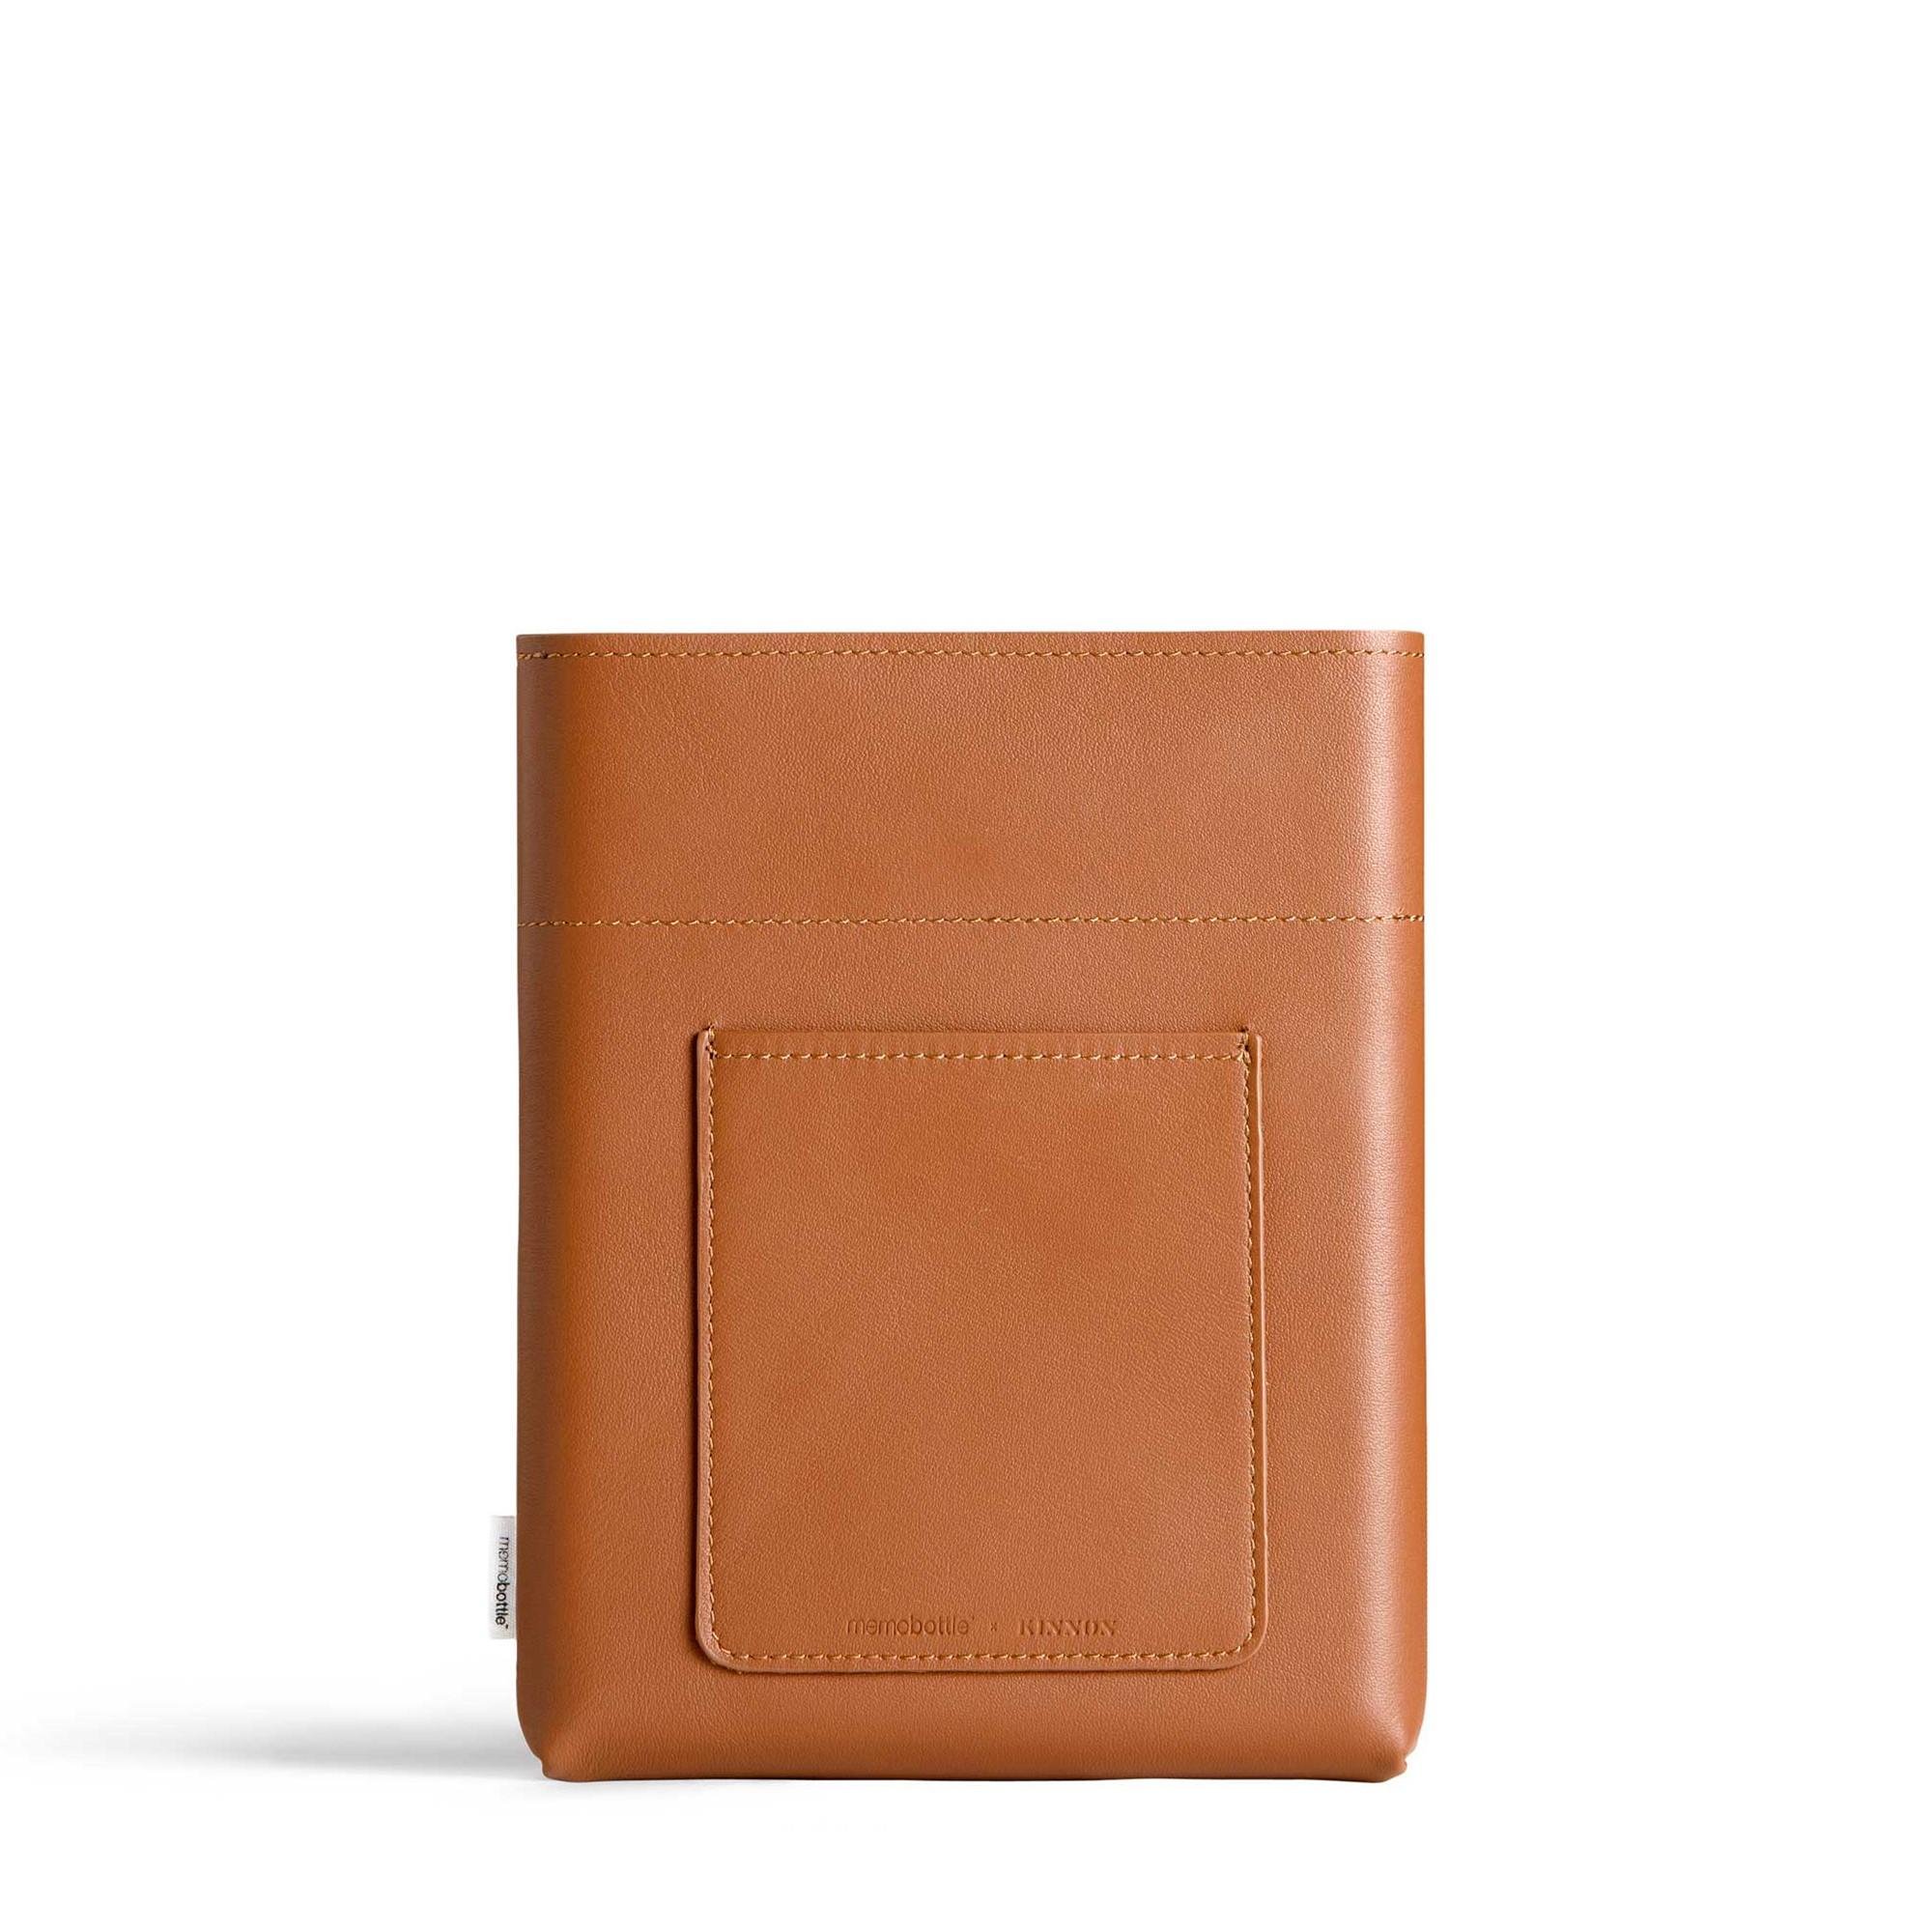 memobottle A5 Leather Sleeve//Leder-Schutzh/ülle A5 Wasserflasche